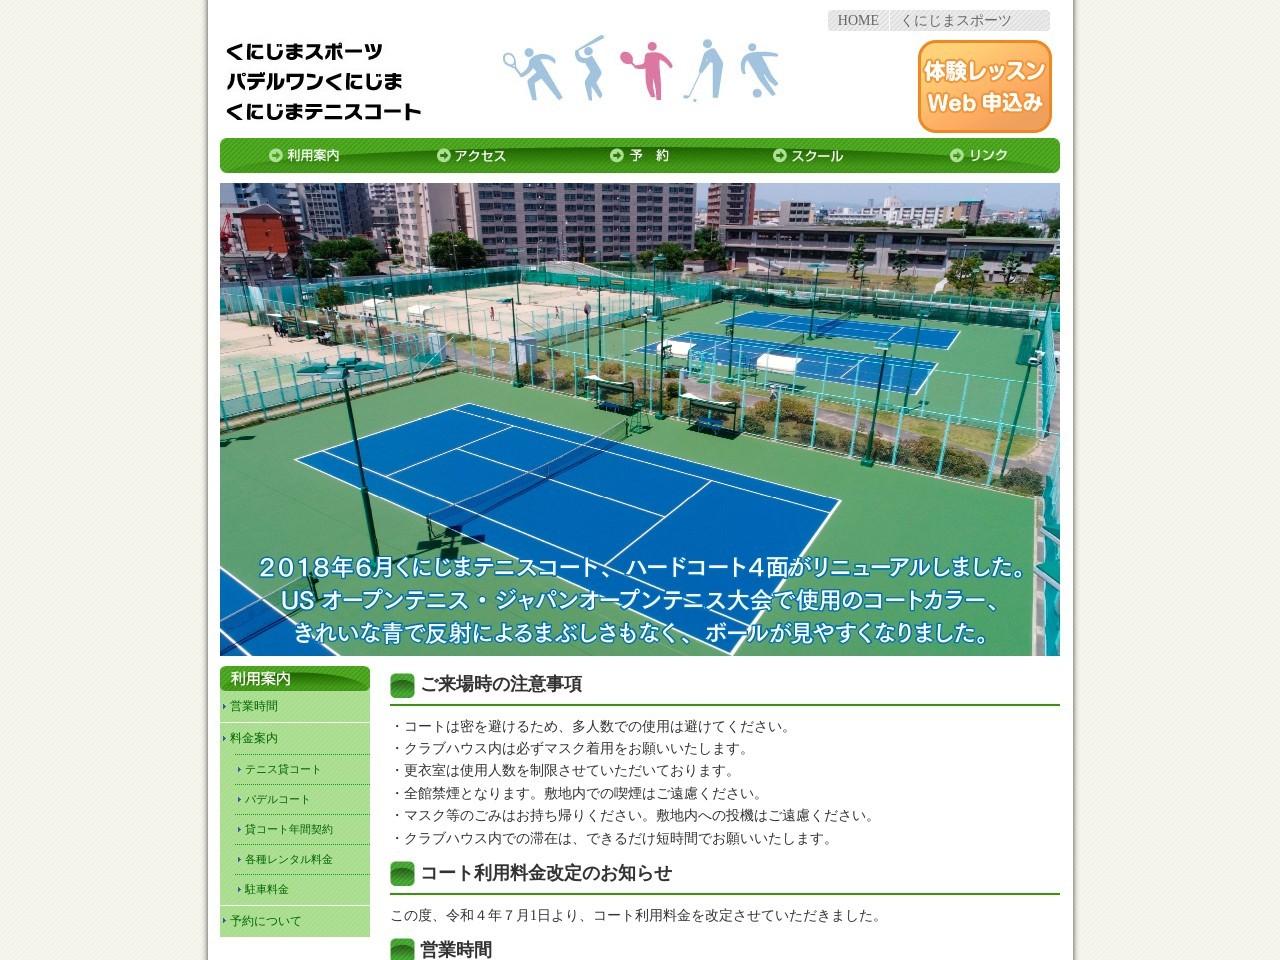 くにじまテニスコート